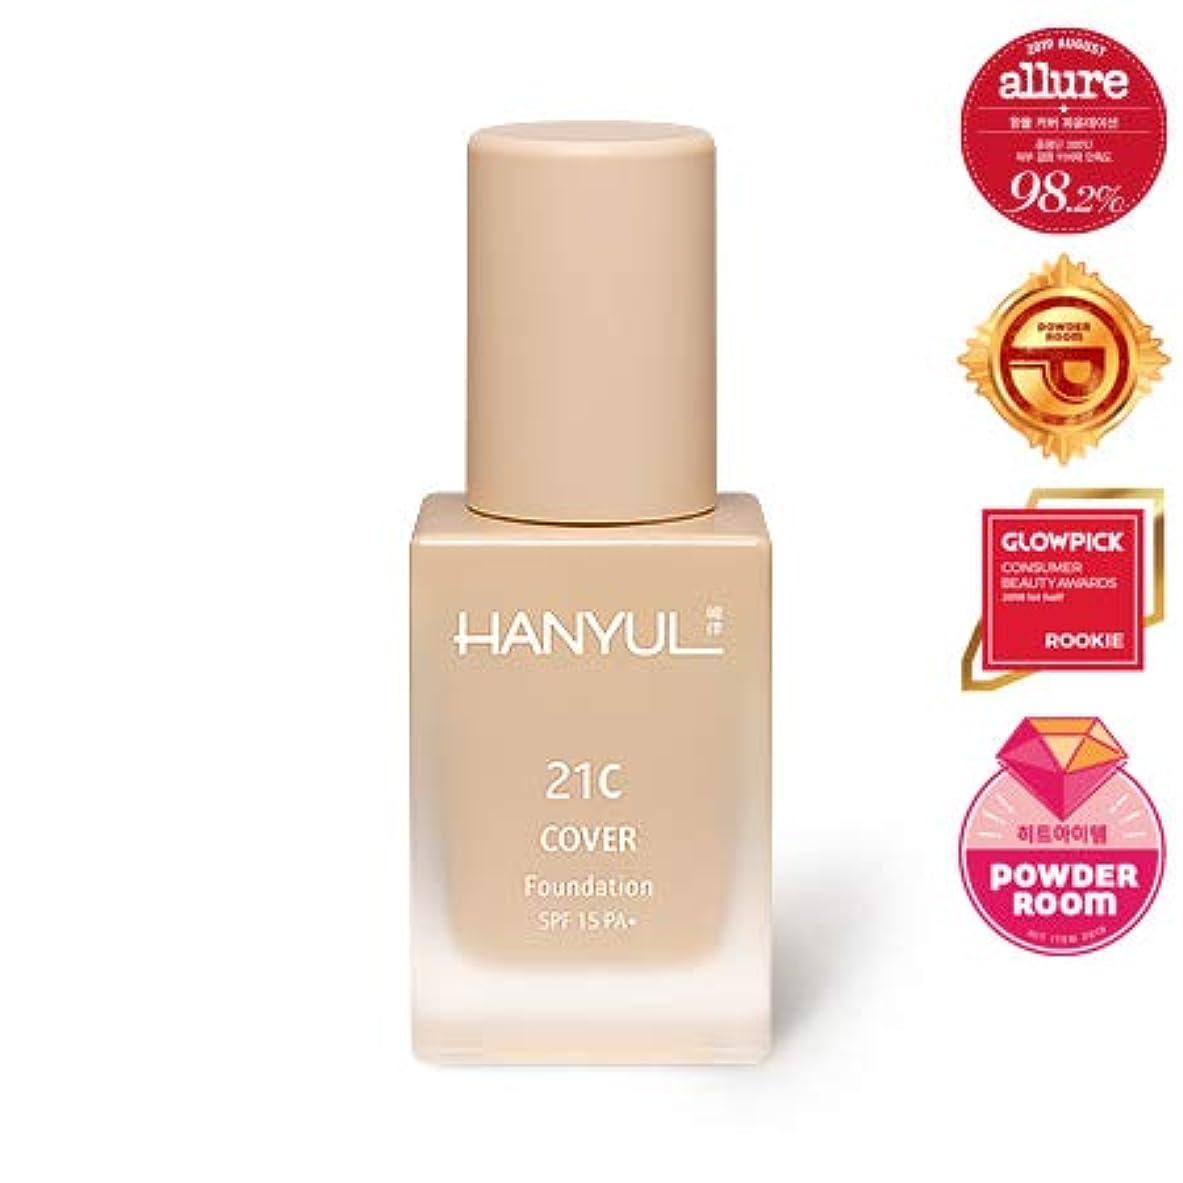 低下さらに狭い【hanyul]ハンユルカバーファンデーション(30ml)/ HANYUL Cover Foundation+ K packet(quickly sipping) (#23N BEIGE)